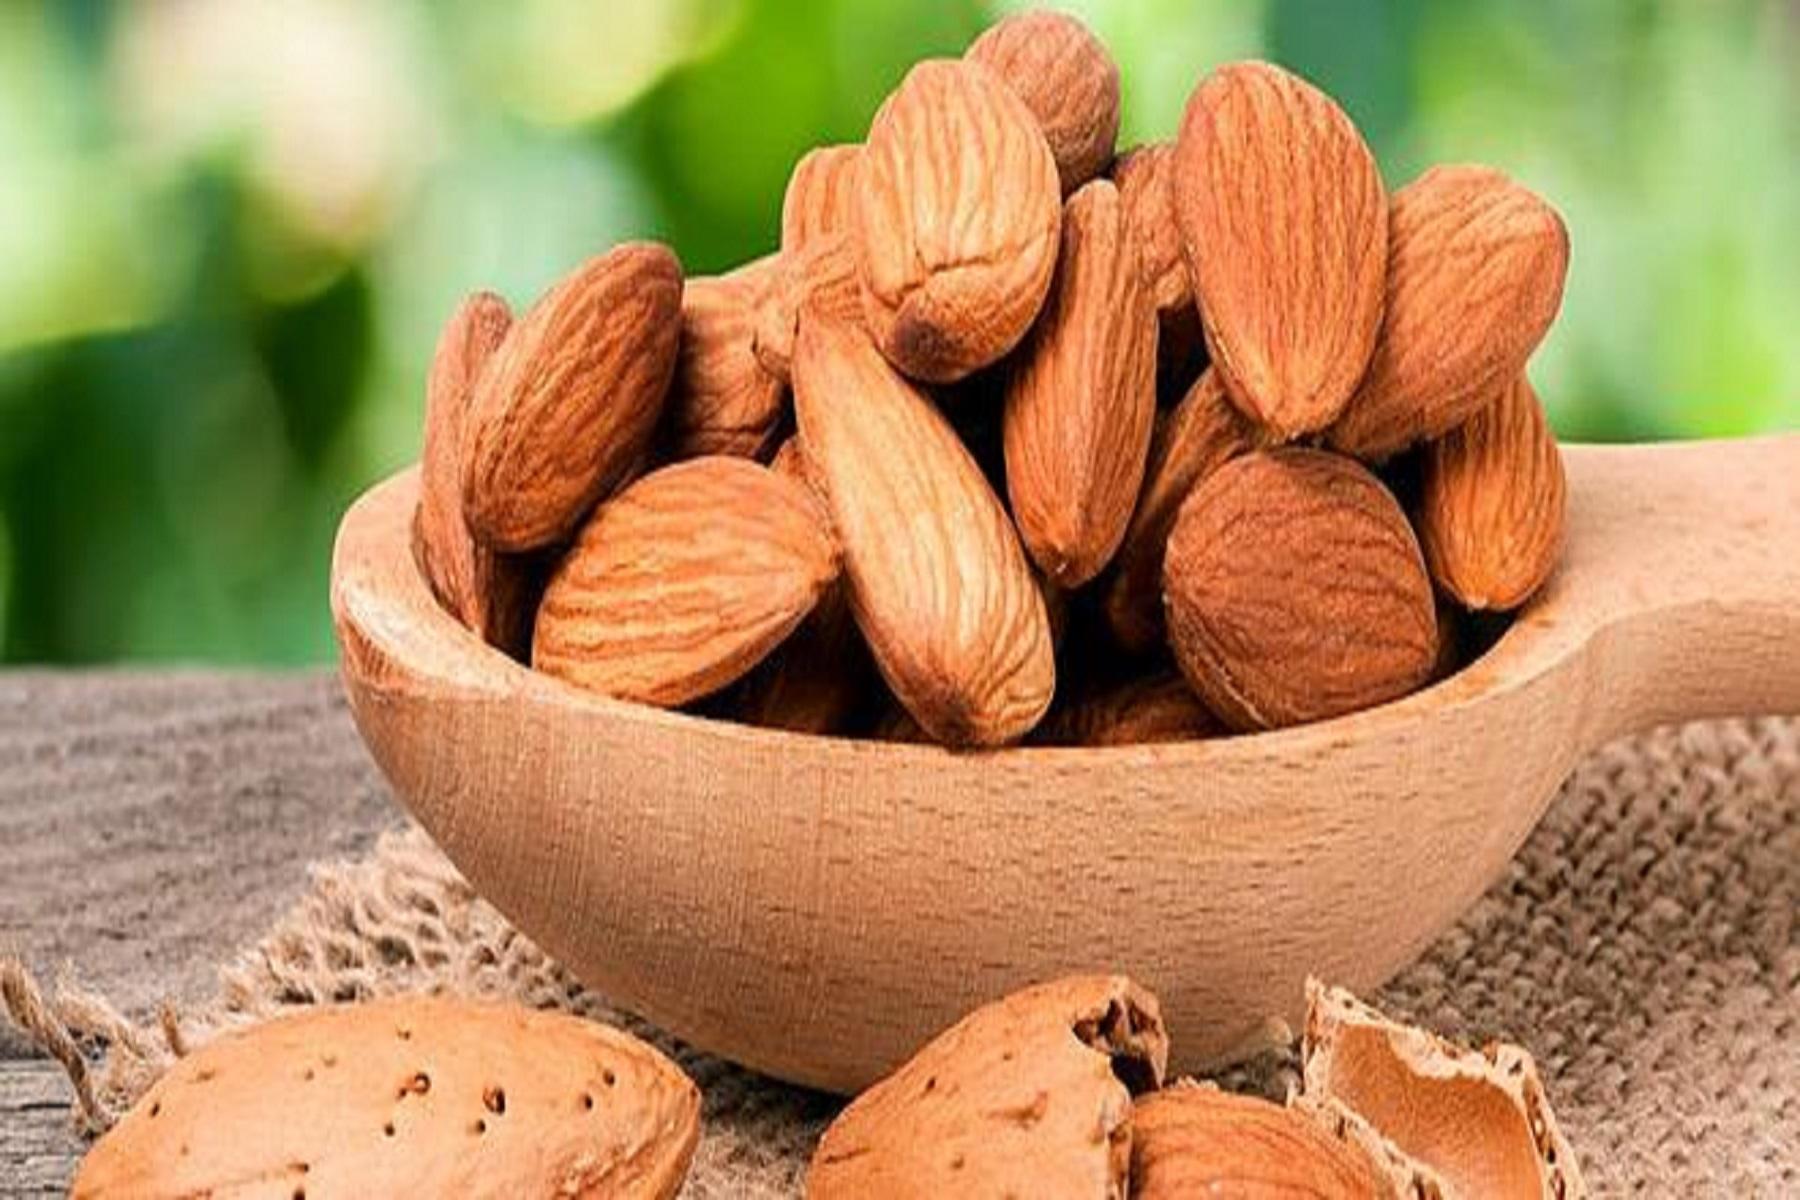 Διατροφή Οργανισμός: Ποιος ο ρόλος των τροφών με πλήρεις πρωτεΐνες για τον μεταβολισμό μας